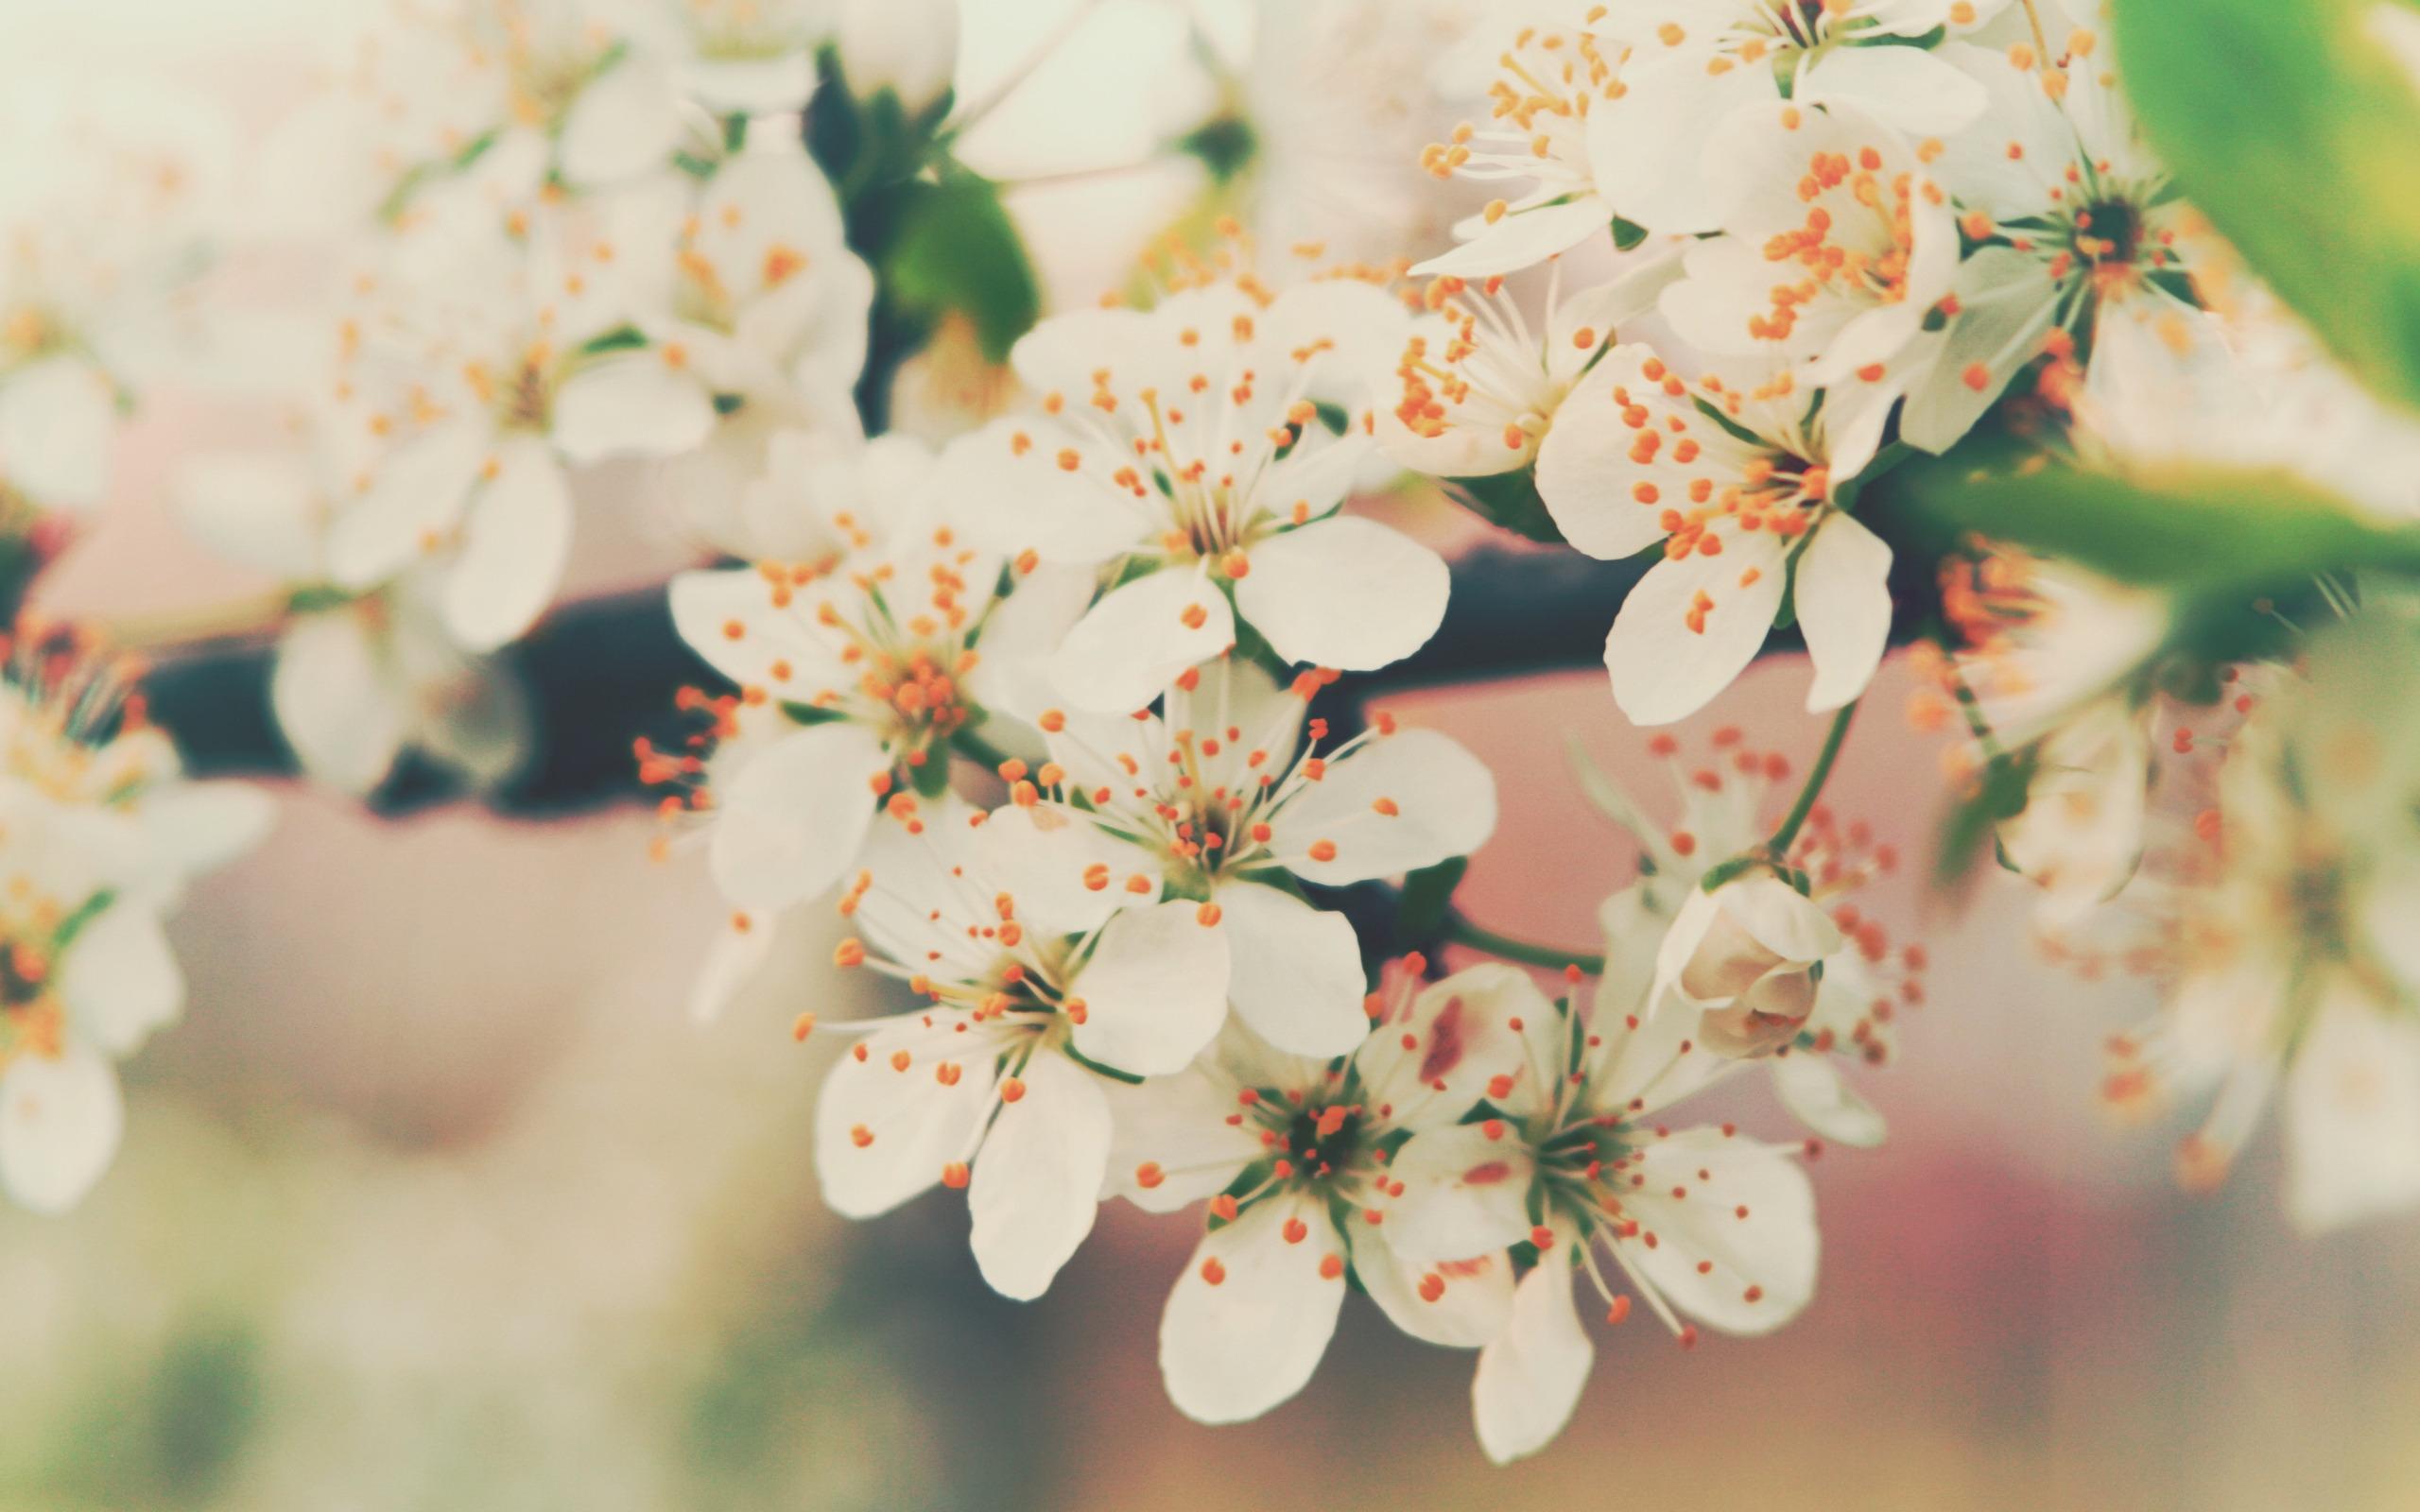 нежные цветочки на ветке  № 1333974 без смс